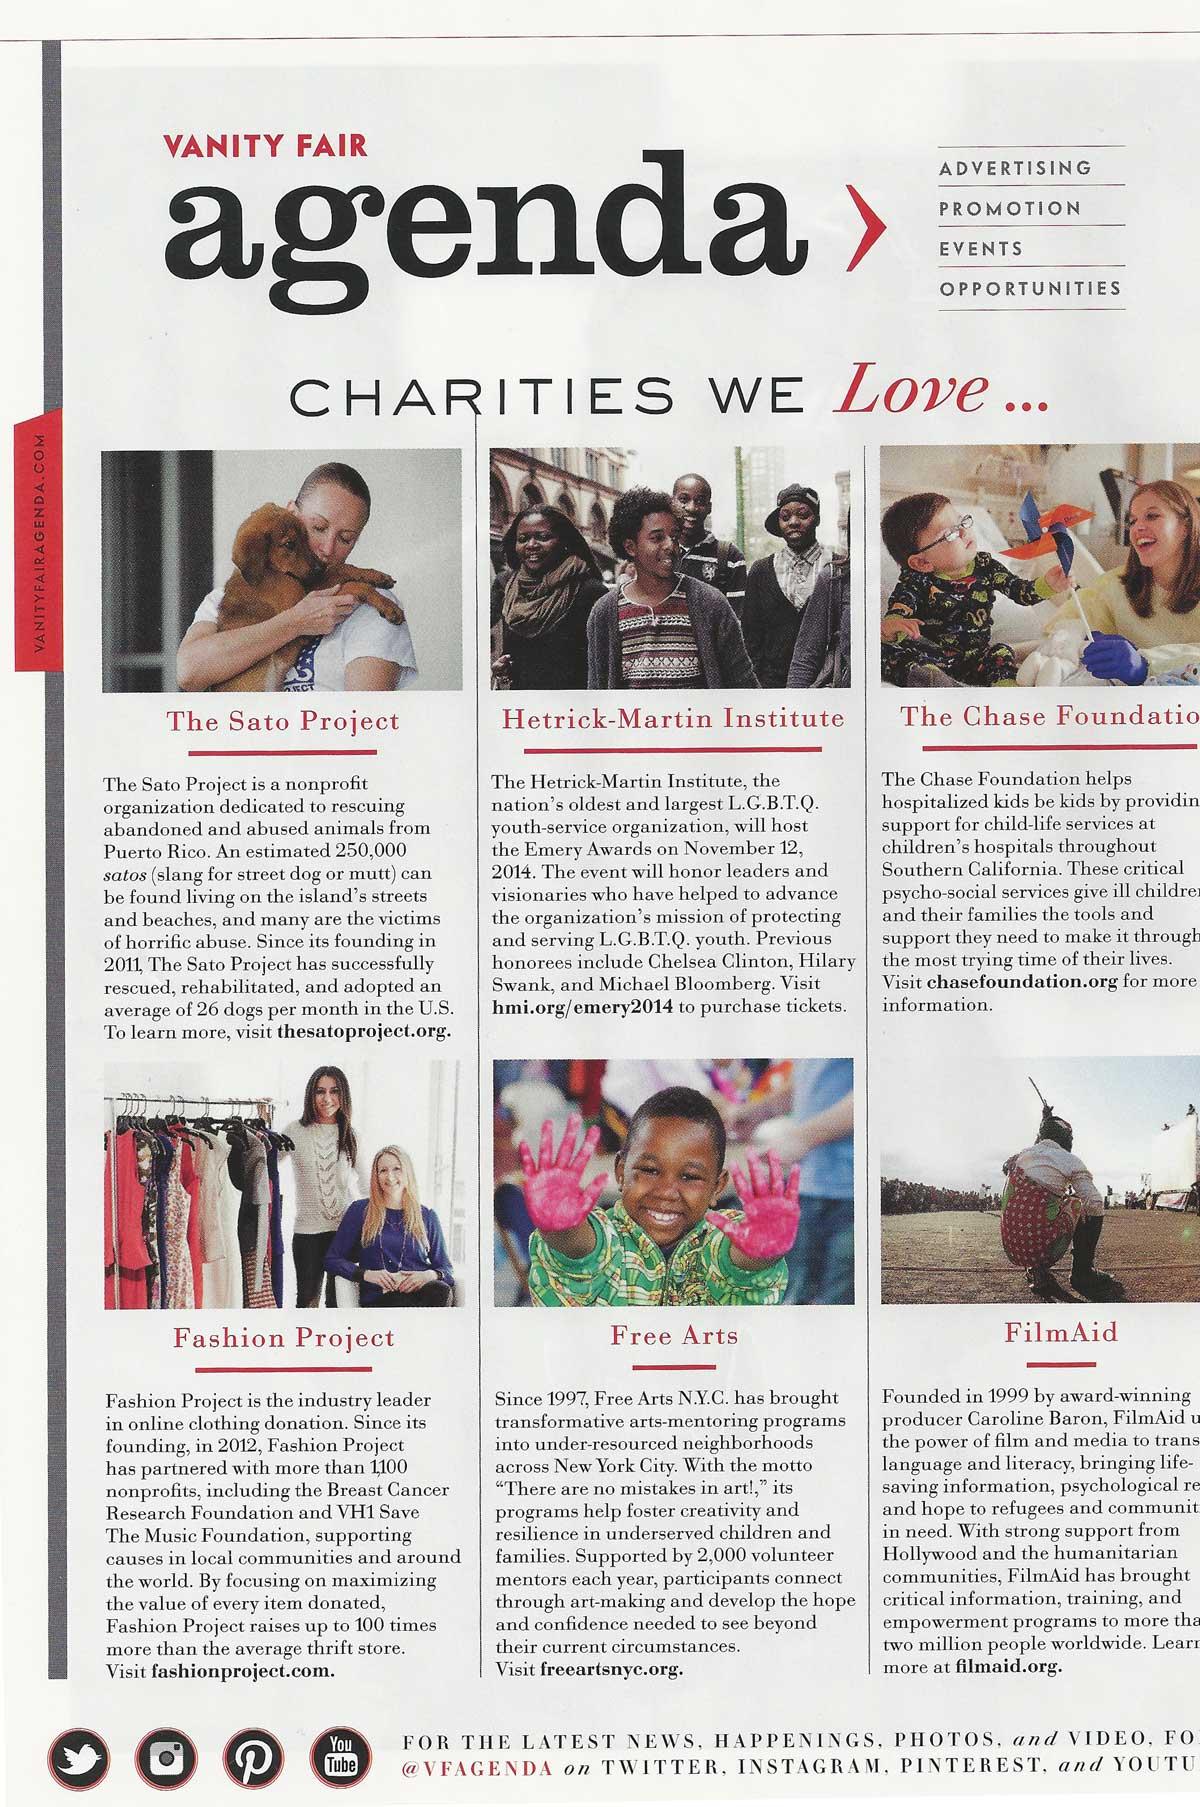 Vanity Fair Charities We Love